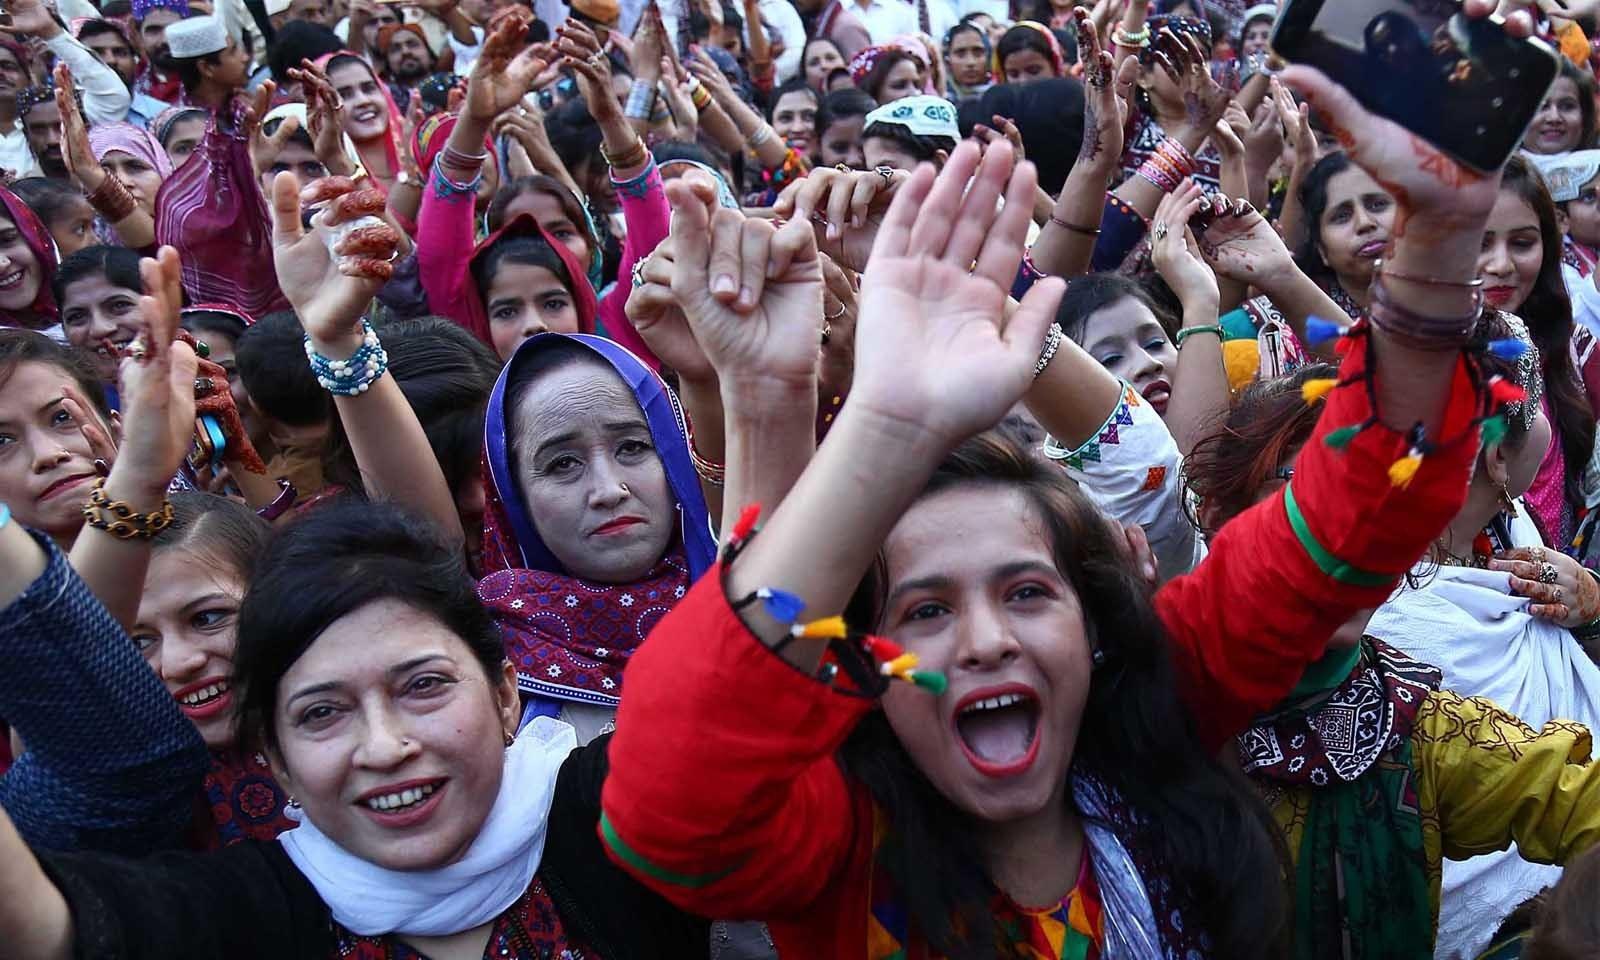 سندھ کی تہذیب و ثقافت کو زندہ رکھنے کیلئے گزشتہ کئی برسوں سے حکومتِ سندھ نے  دسمبرمیں ہرسال سندھی ٹوپی اور اجرک ڈے منانے کا سلسلہ شروع کر رکھا ہے—فوٹو: وقاص علی